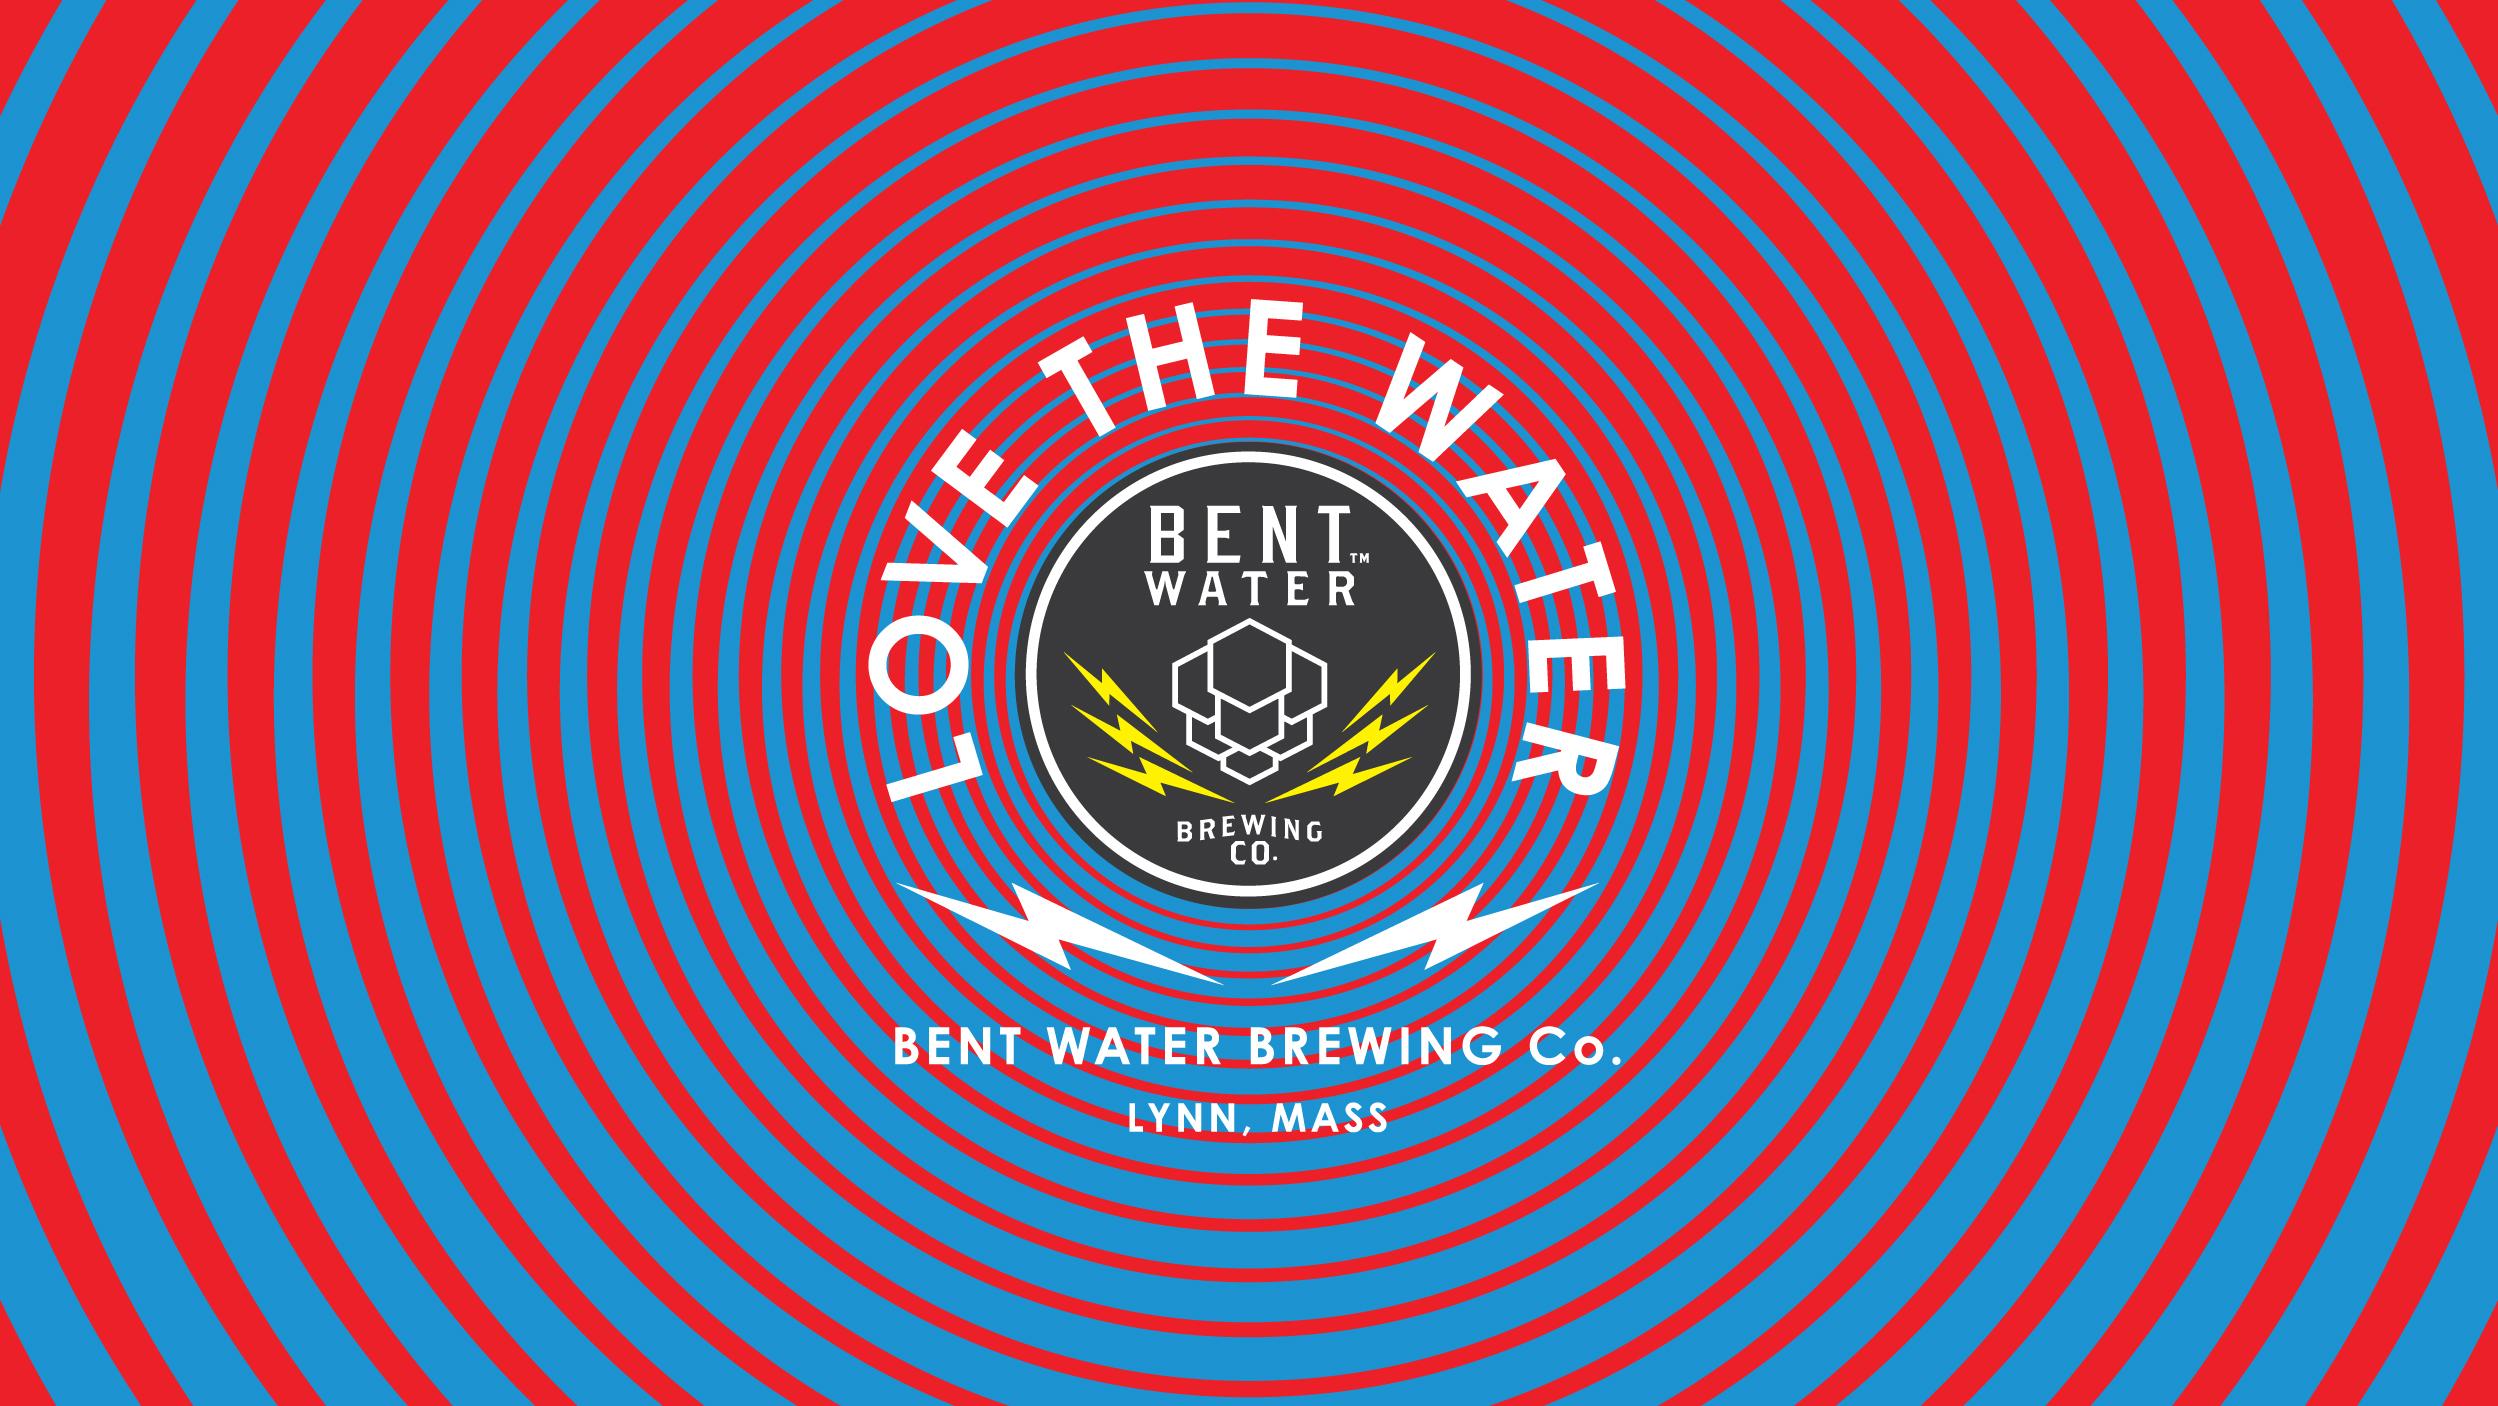 bent-water-homepage-1.jpg